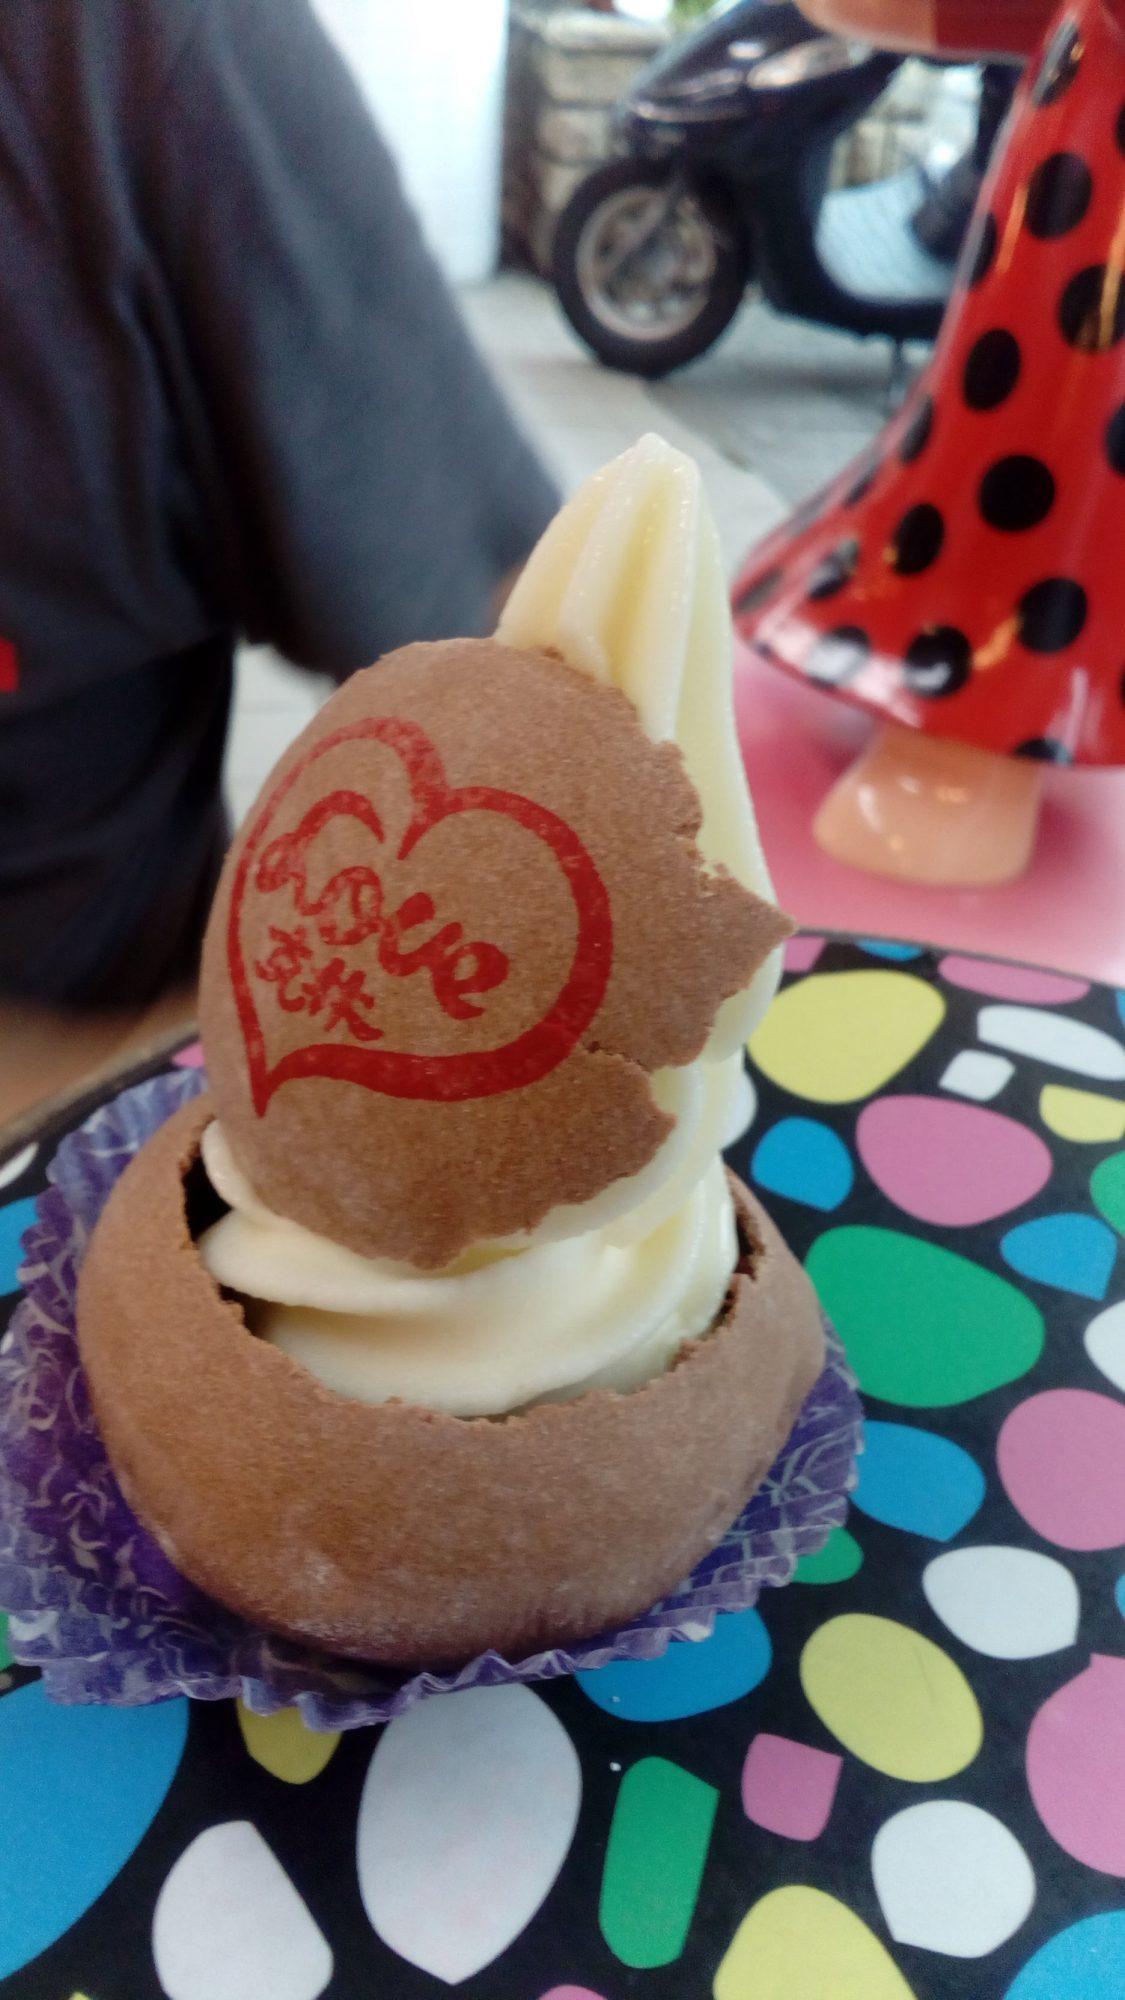 アイス 椪餅